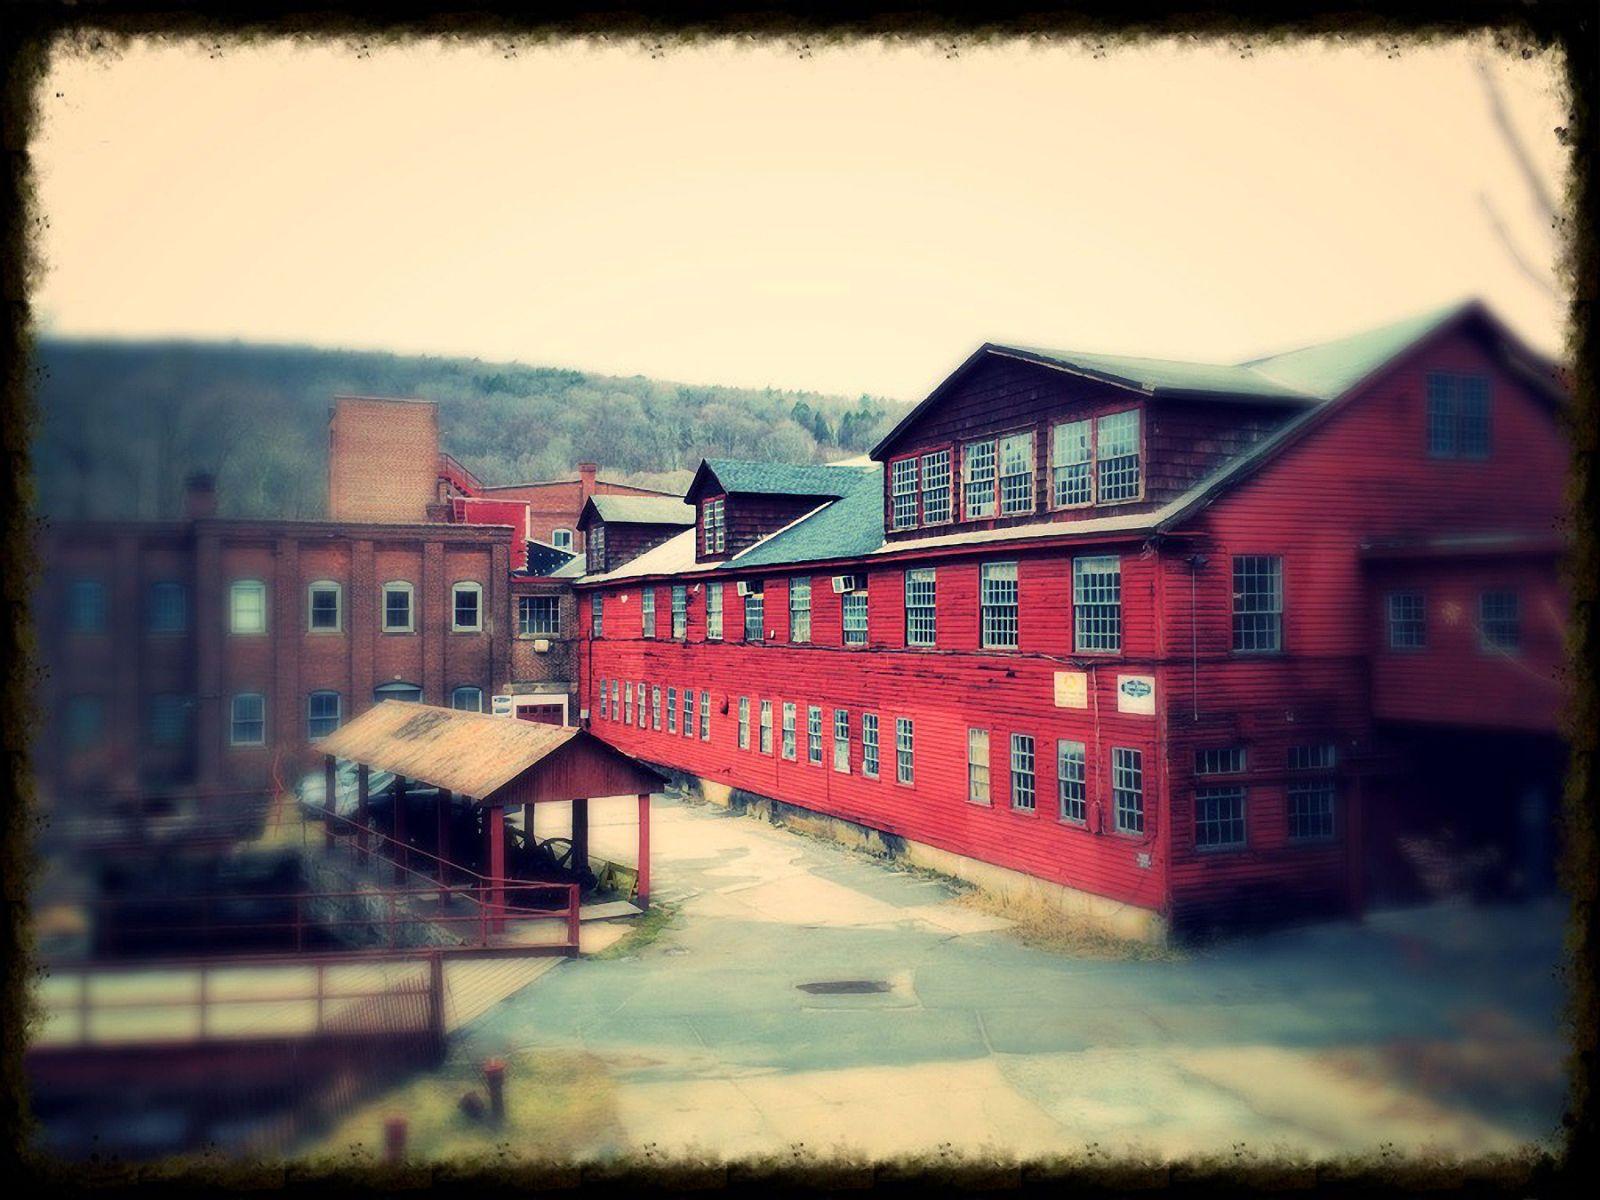 Axe Factory